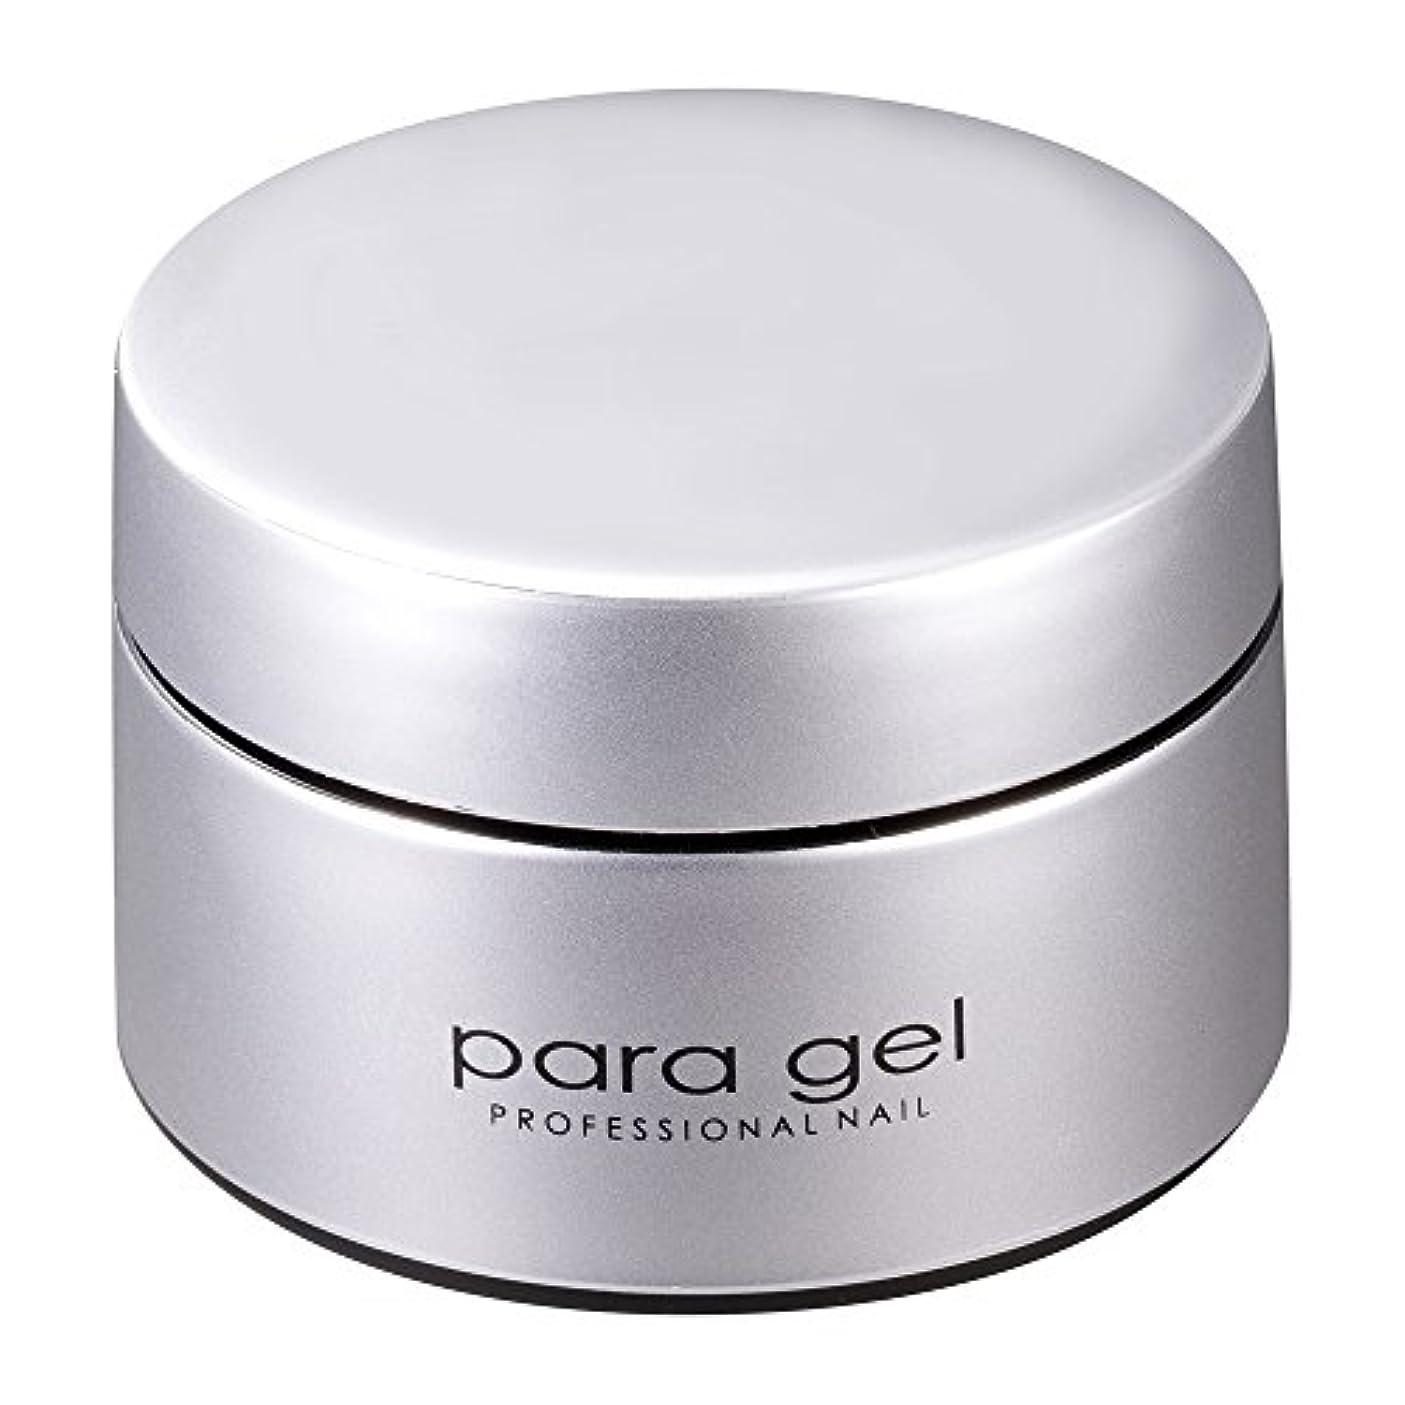 再現する一般化するばかpara gel カラージェル S027 ピオニーピンク 4g